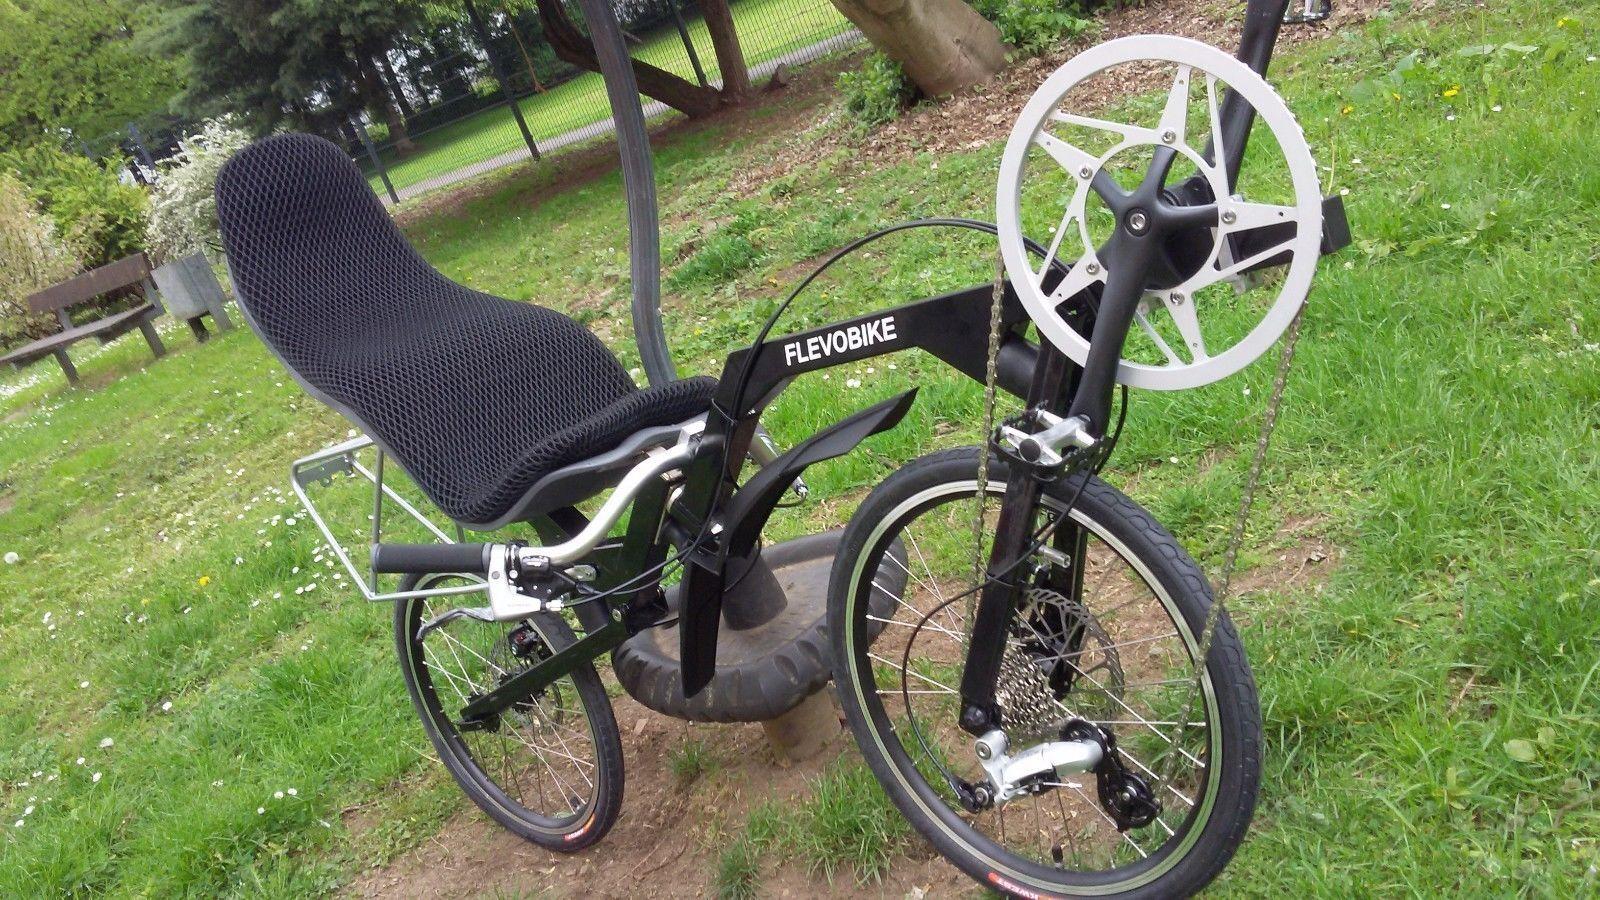 Couché Ccouché Flevo-Bike Ligfiets Flevobike Flevo-Bike Ccouché 20